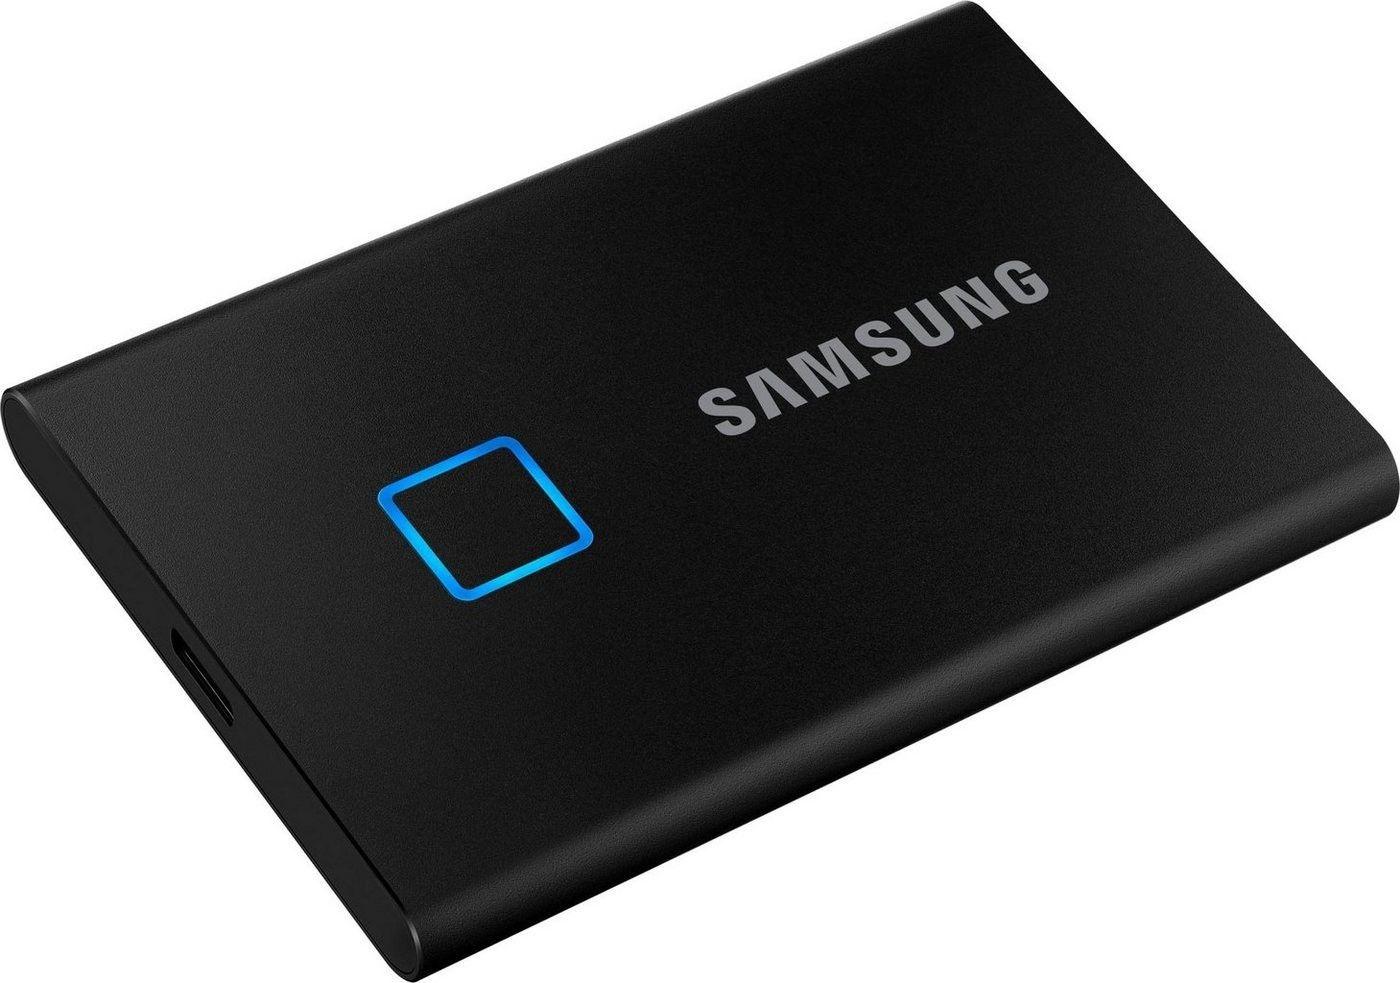 Samsung Portable SSD T7 Touch 500GB Silber für 69,95€(statt 93€)